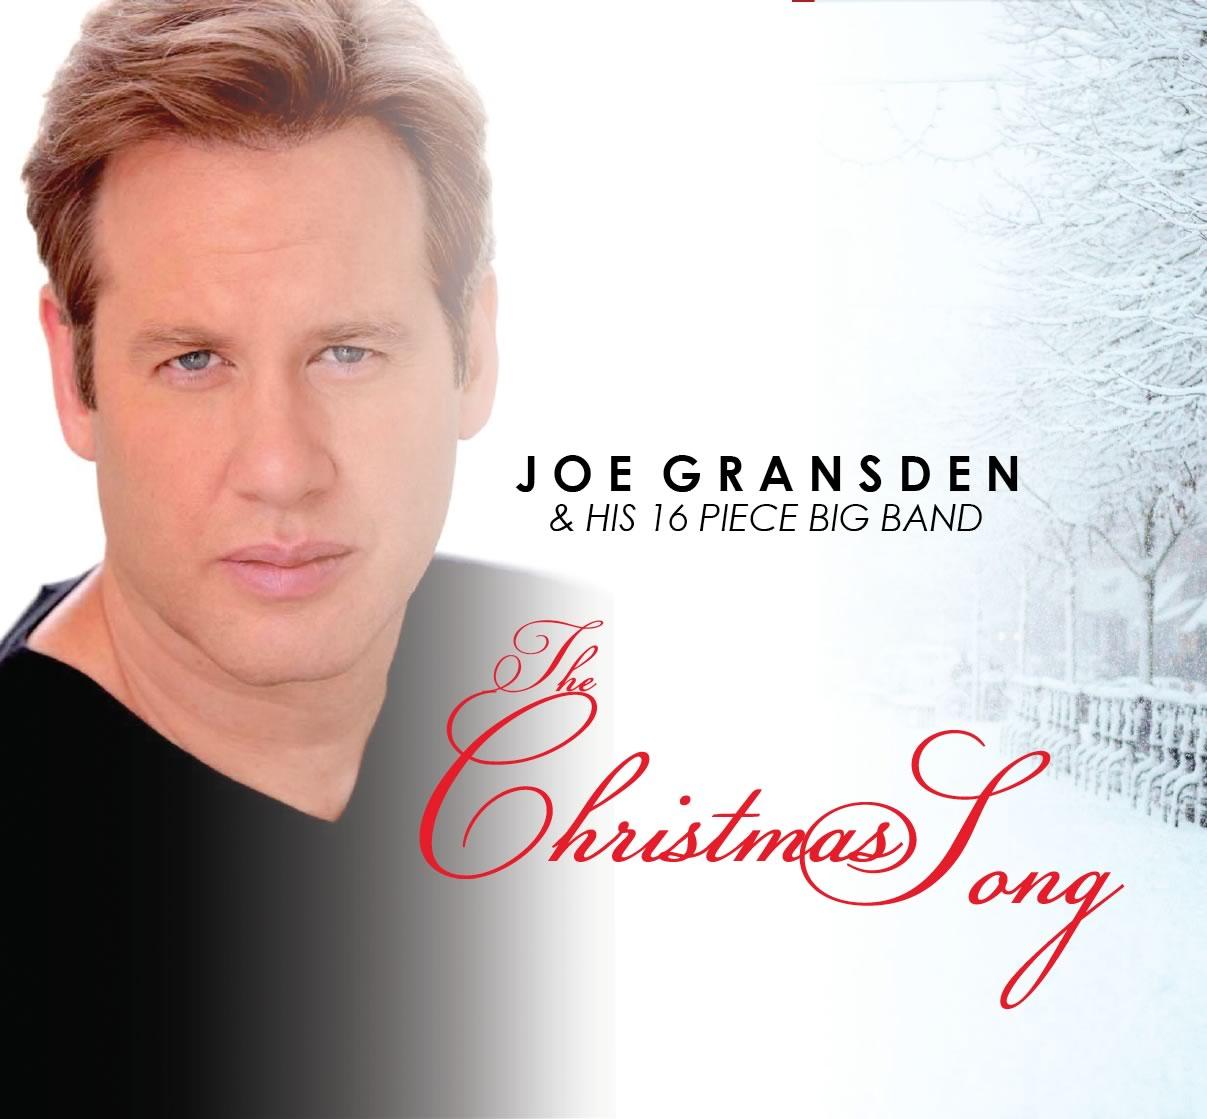 The Christmas Song – Joe Gransden